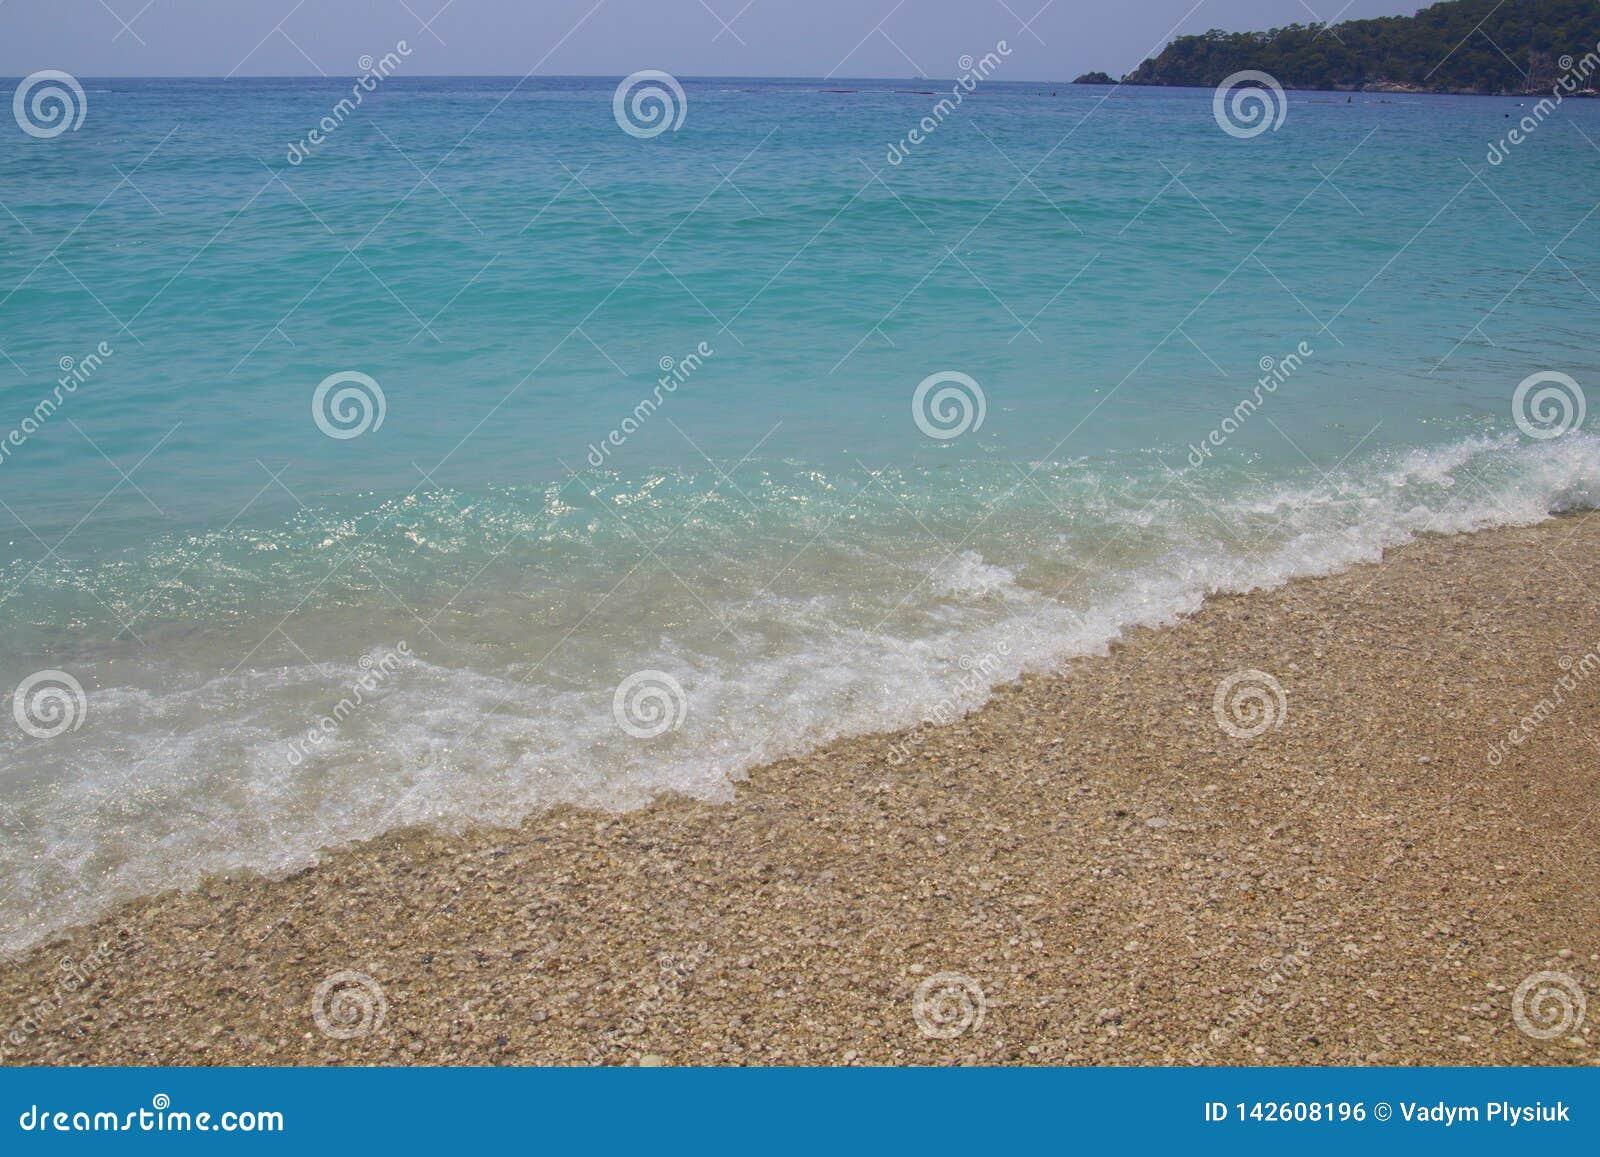 Błękitne wody z morze pianą Małe fale przychodzą brzeg Turkus woda z białymi otoczakami na plaży Denna linia spotyka